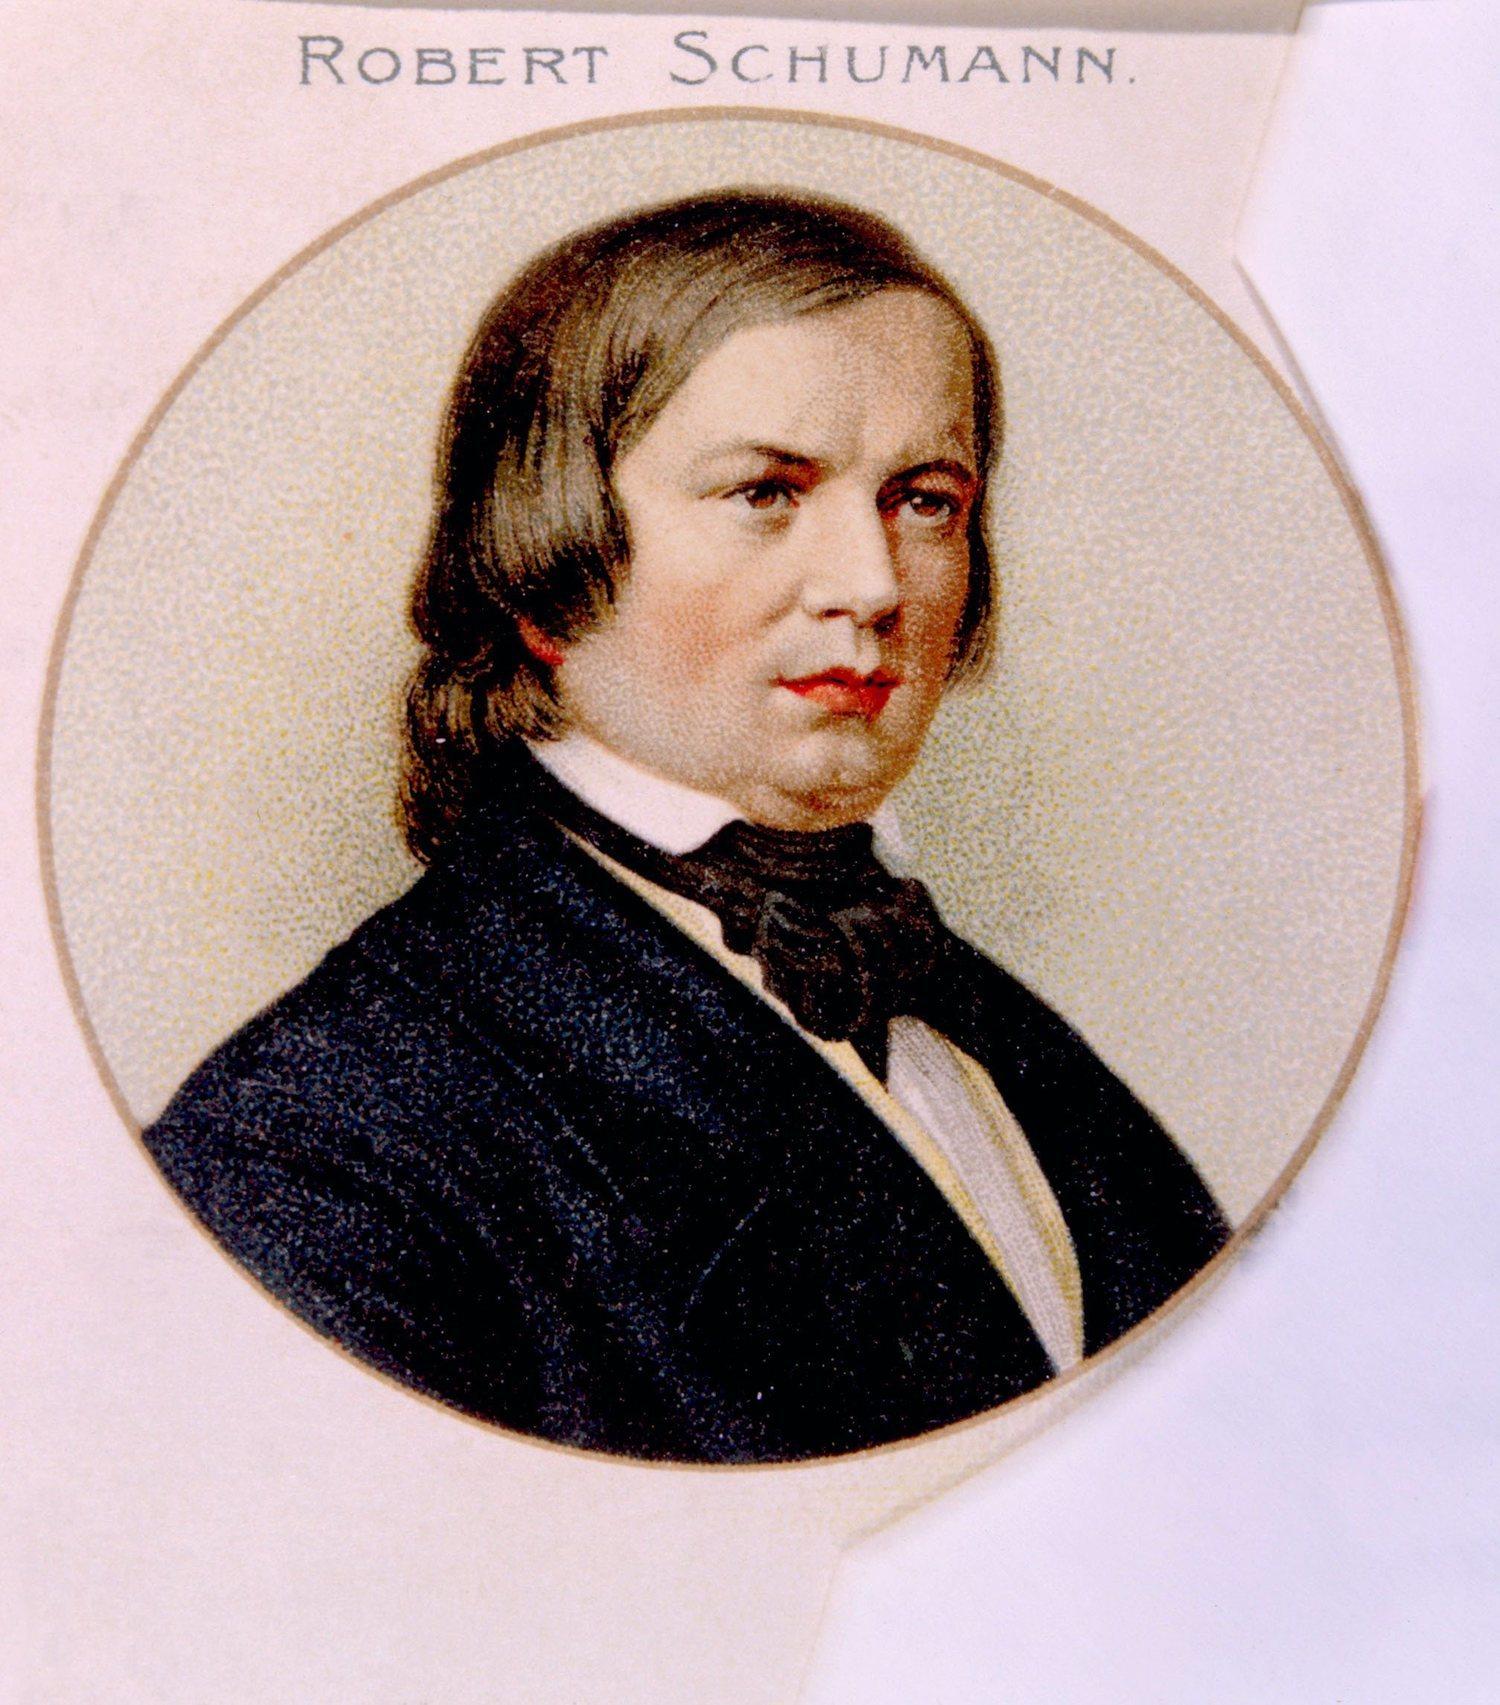 Robert Schumann, uno de los grandes compositores de la historia que también sufrió distonía focal